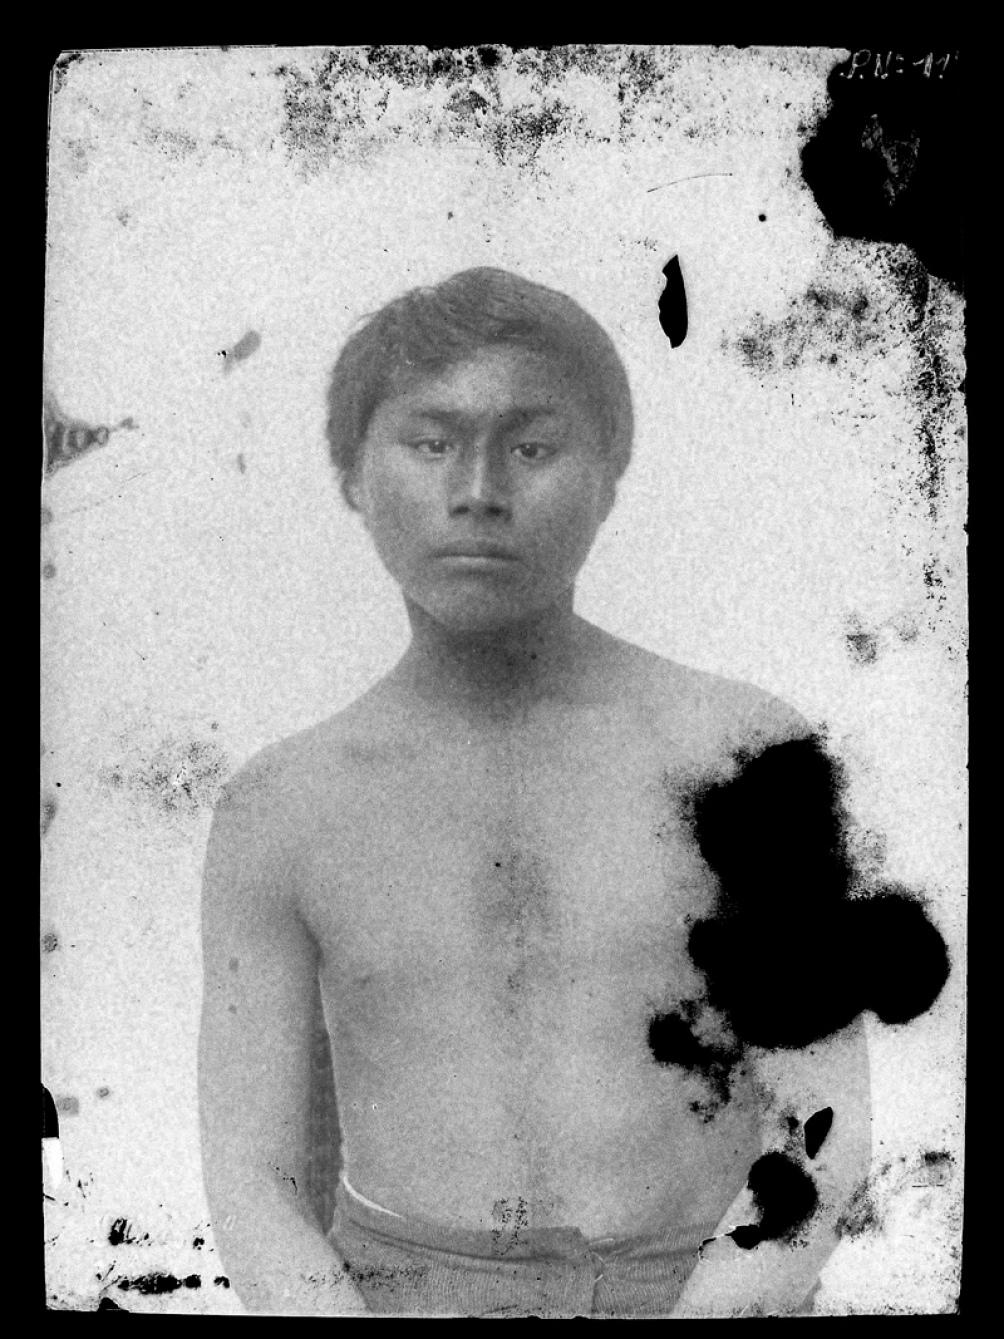 Maish Kensis llegó prisionero al Museo de La Plata en 1886